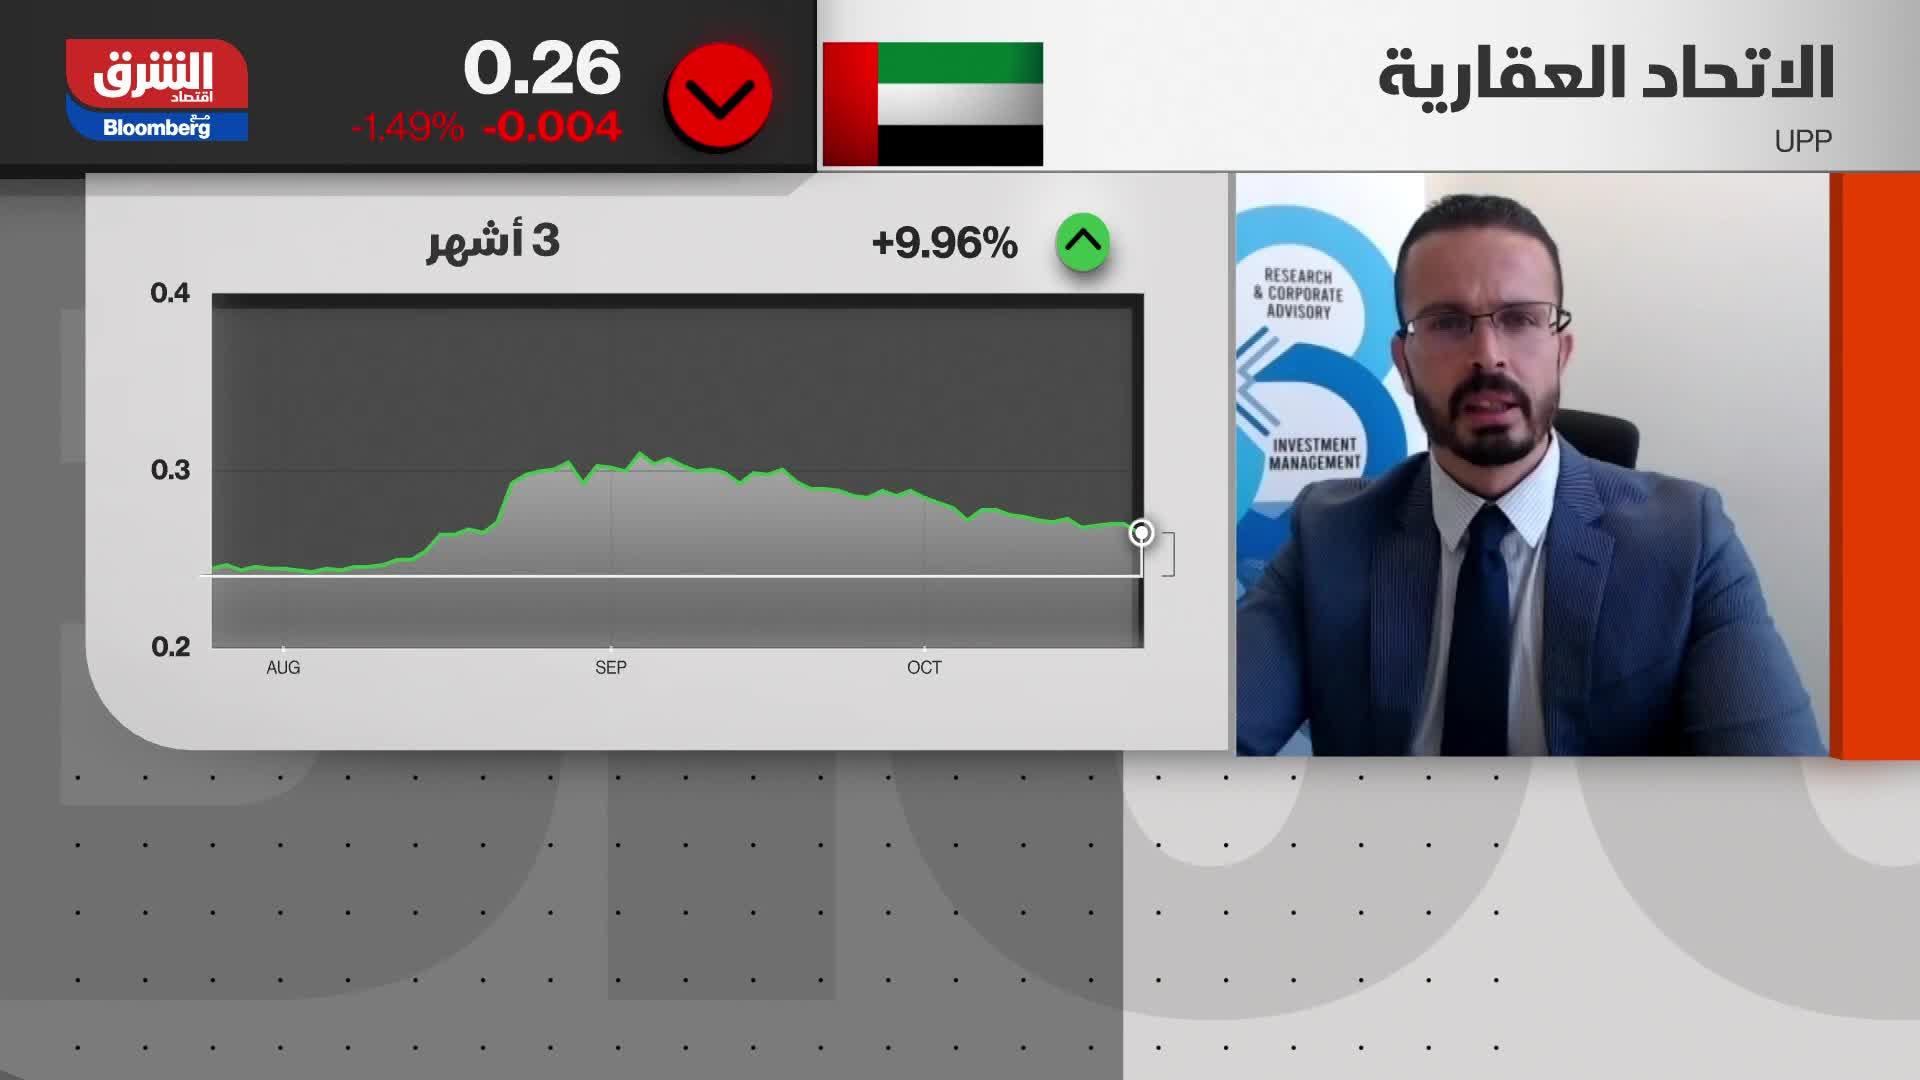 طلال طوقان : هناك تخوف عند المستثمرين في الاتحاد العقارية